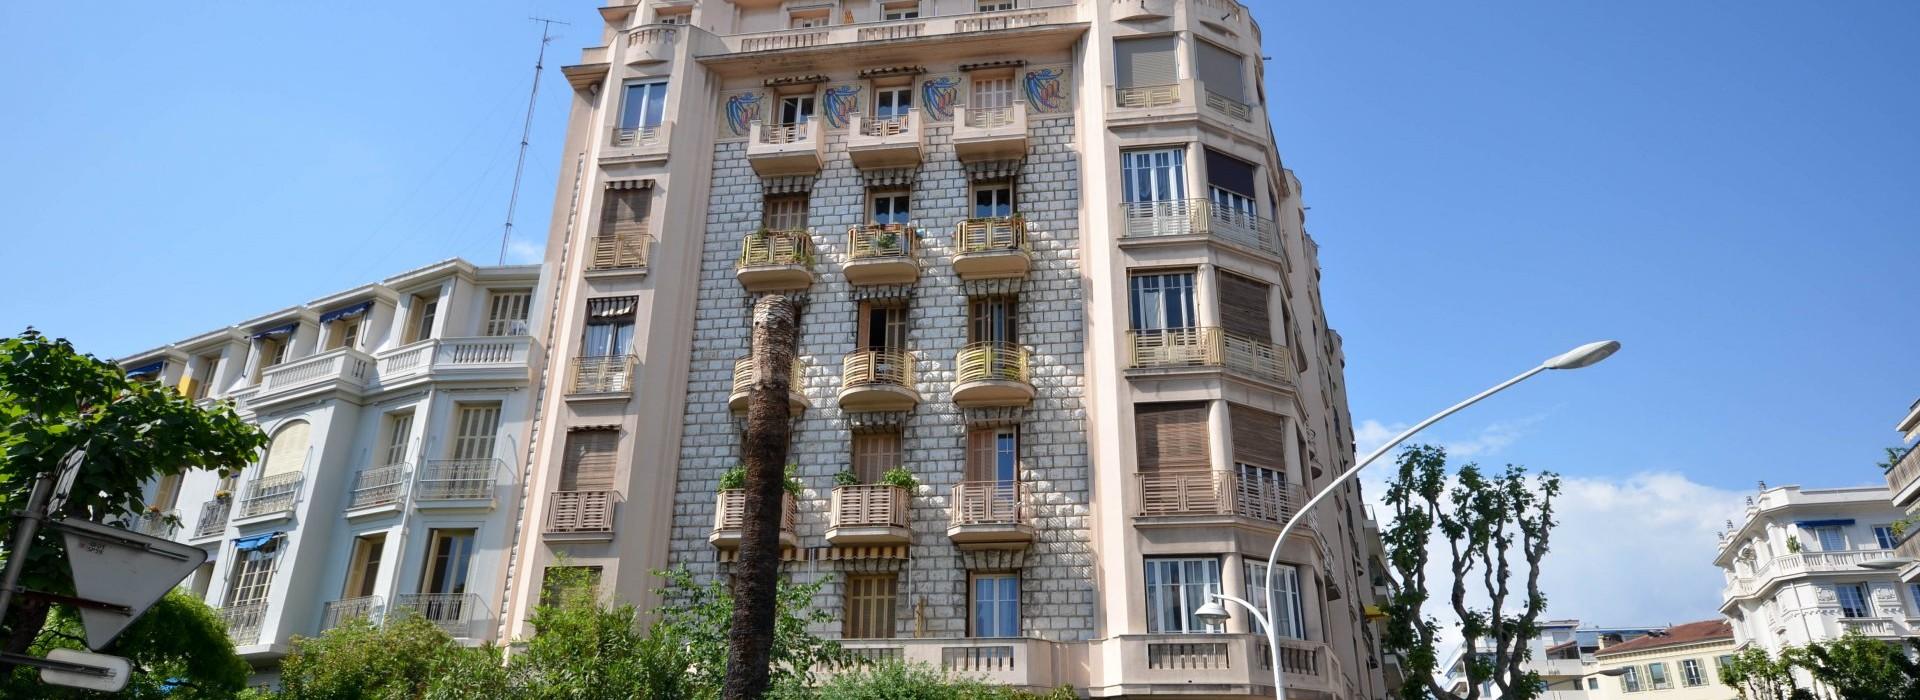 Appartement Nice 2 Pièces 78m2 299,000€